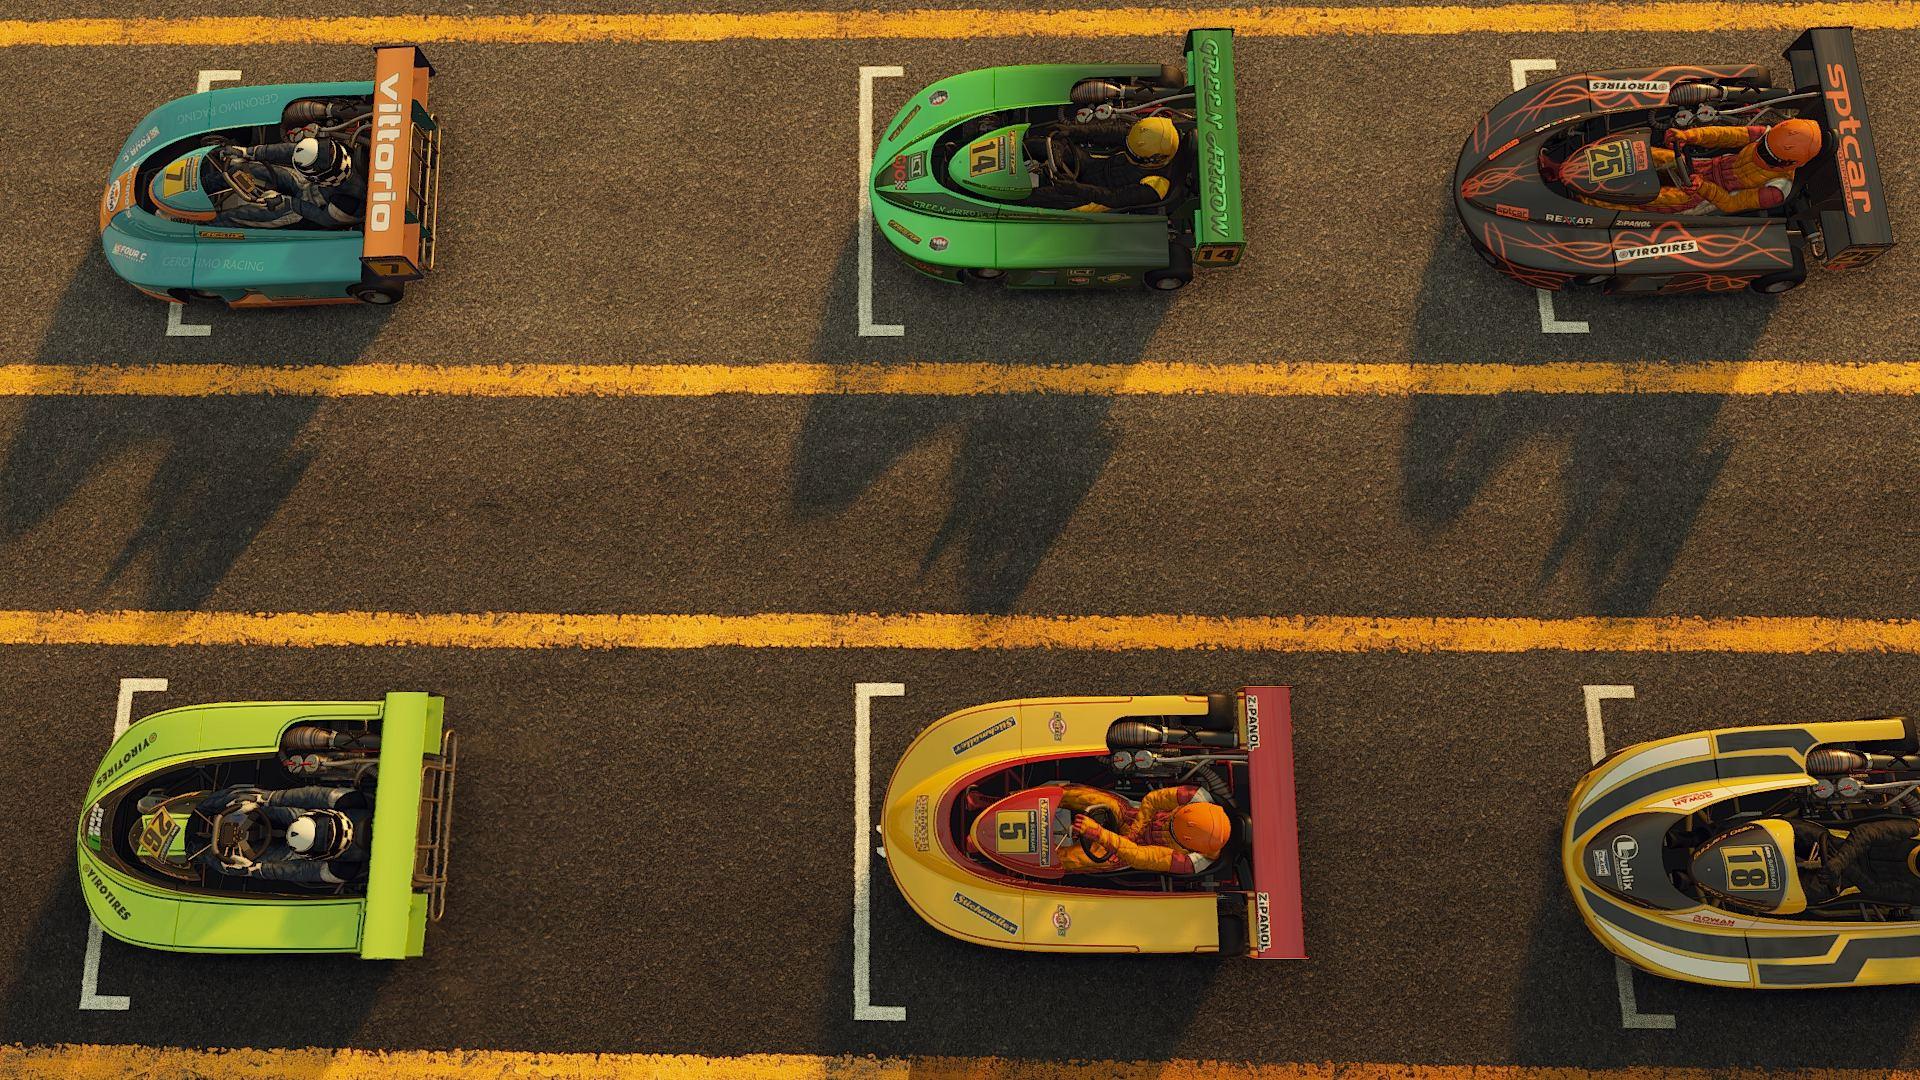 Obrazem: Motokárové závody v Project Cars 102128